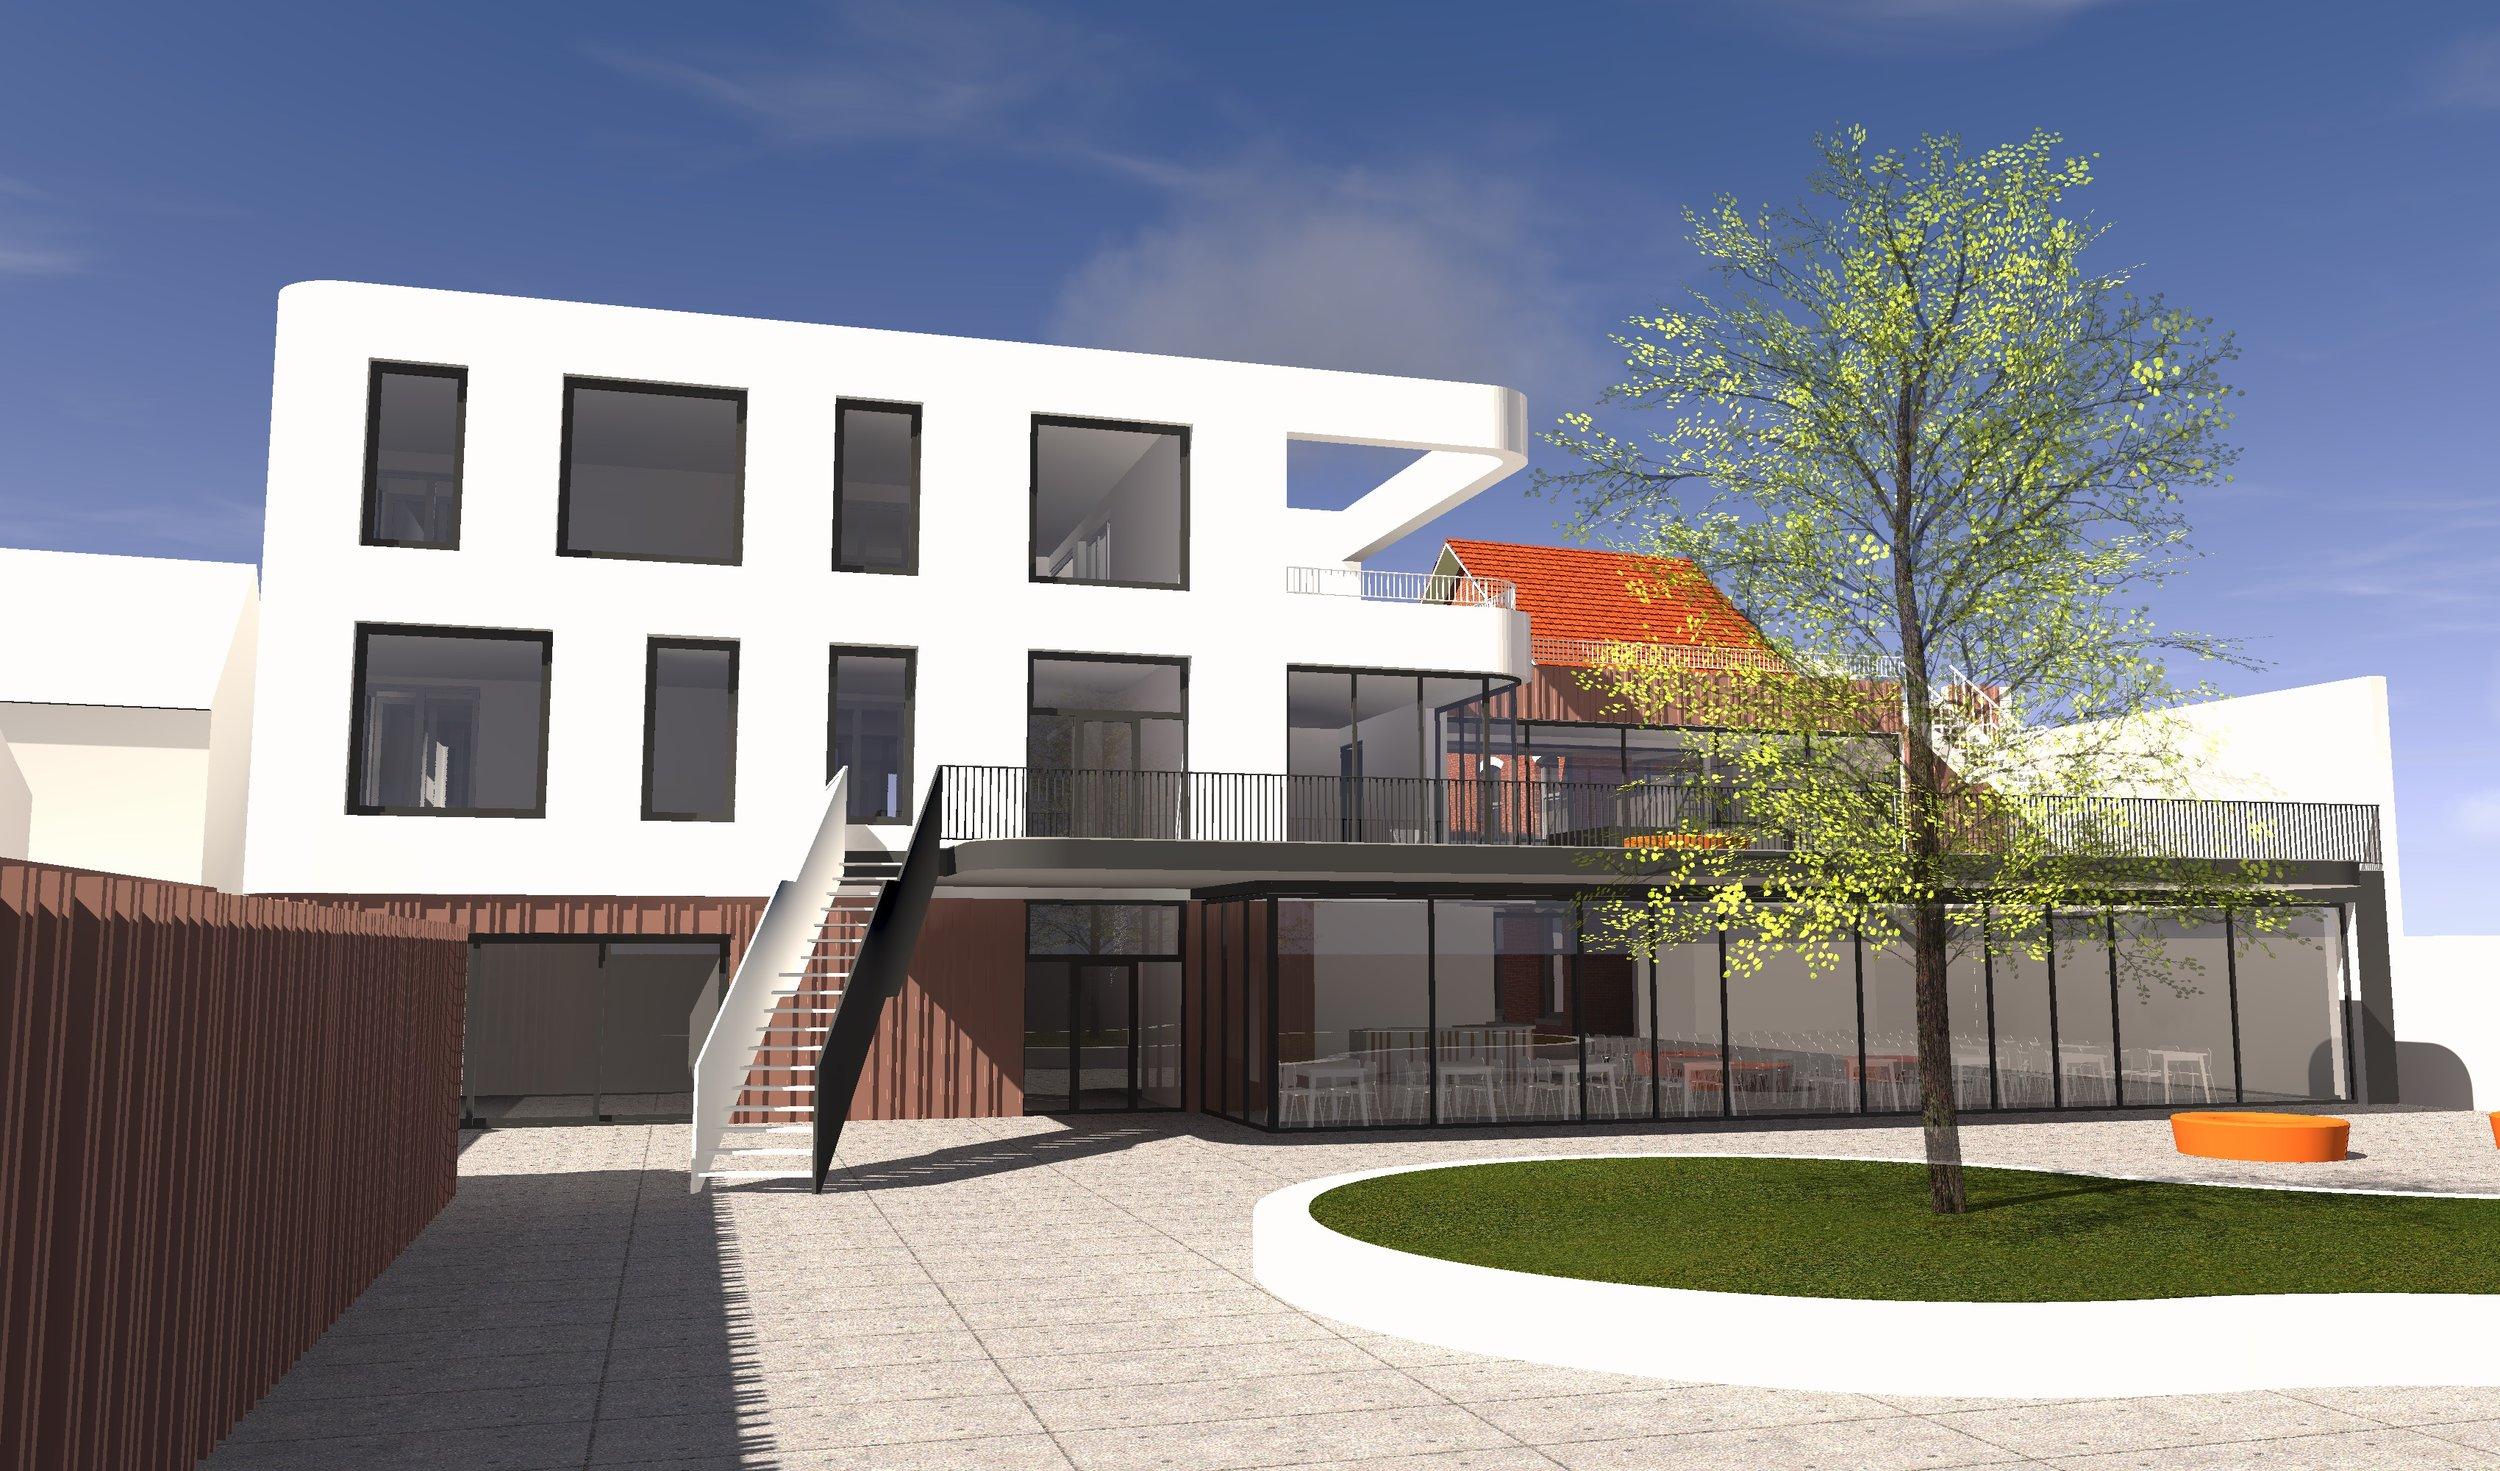 lagere school Bovenlo - Kesselo